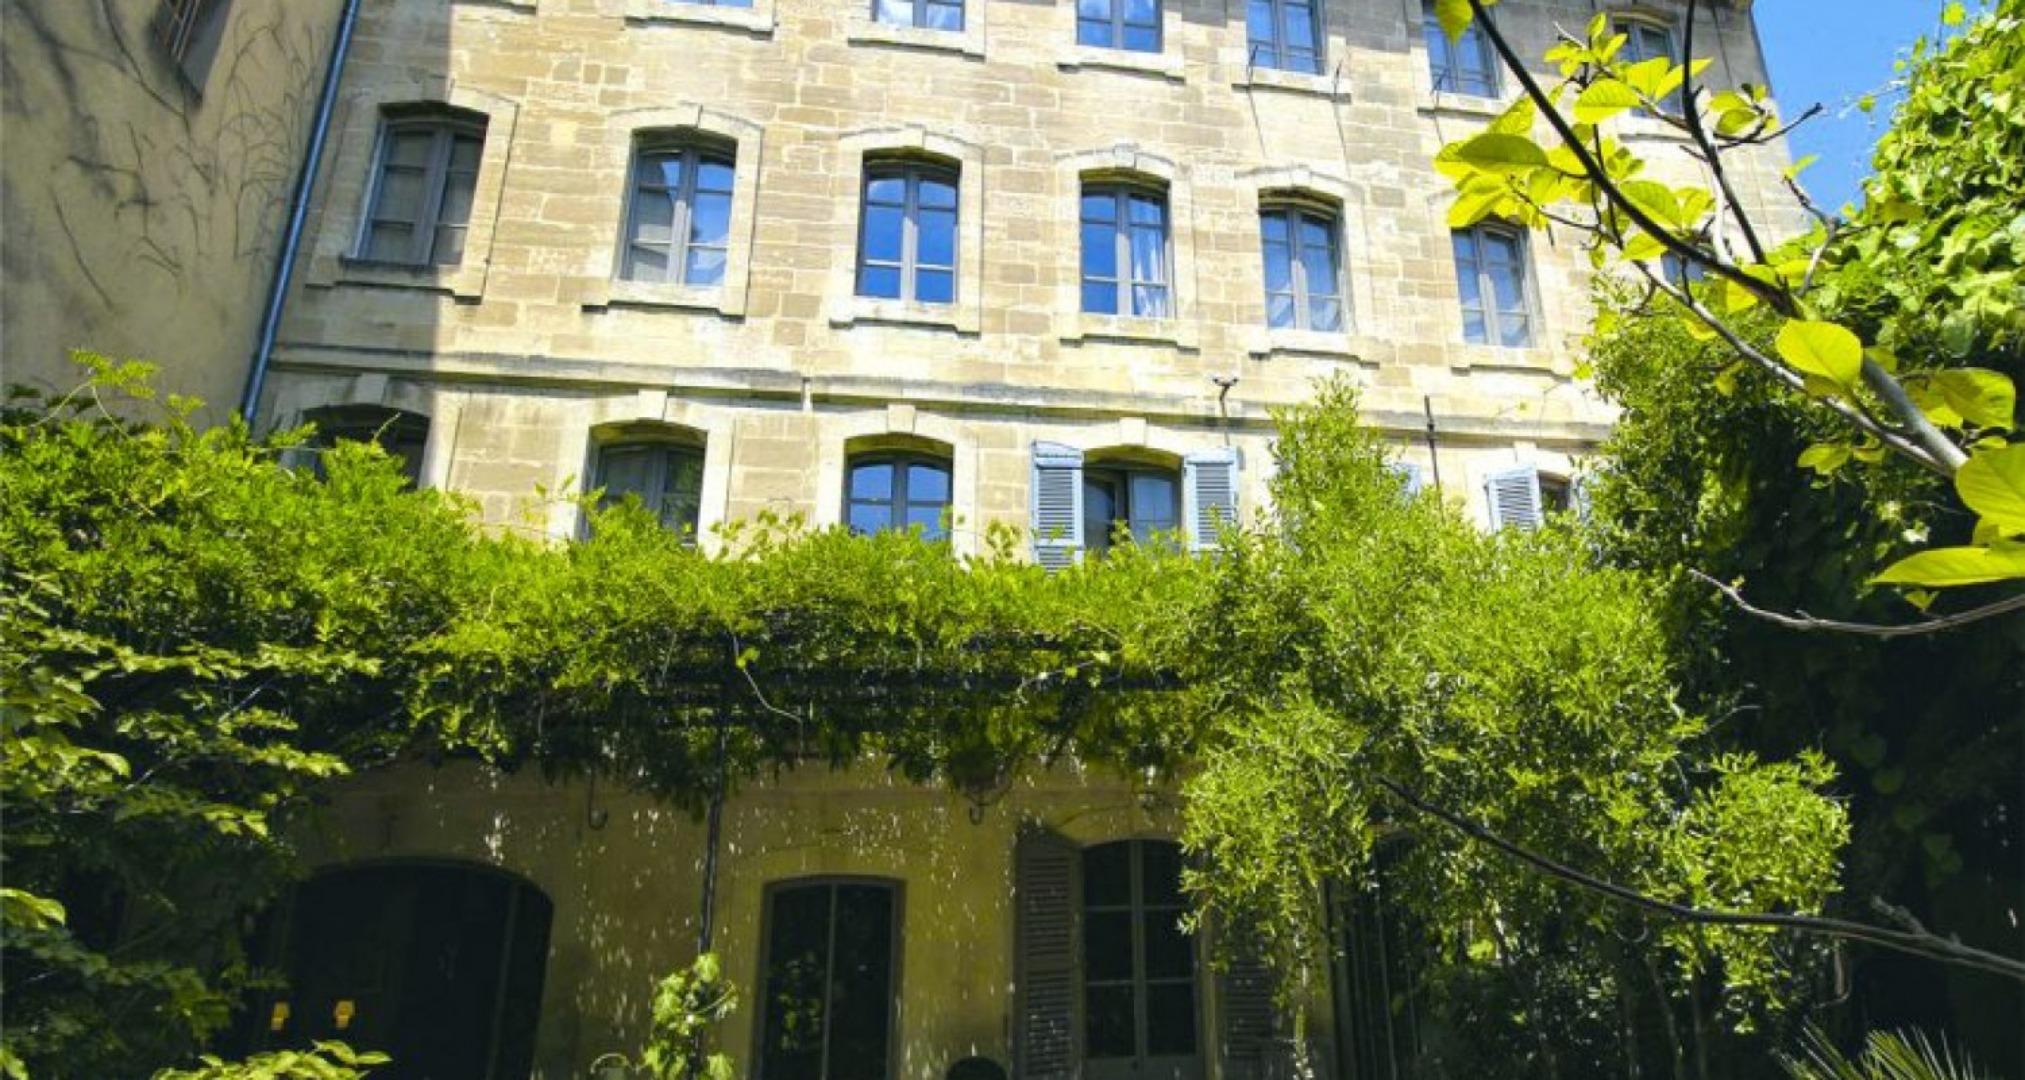 A large brick building at Les Jardins de Baracane.